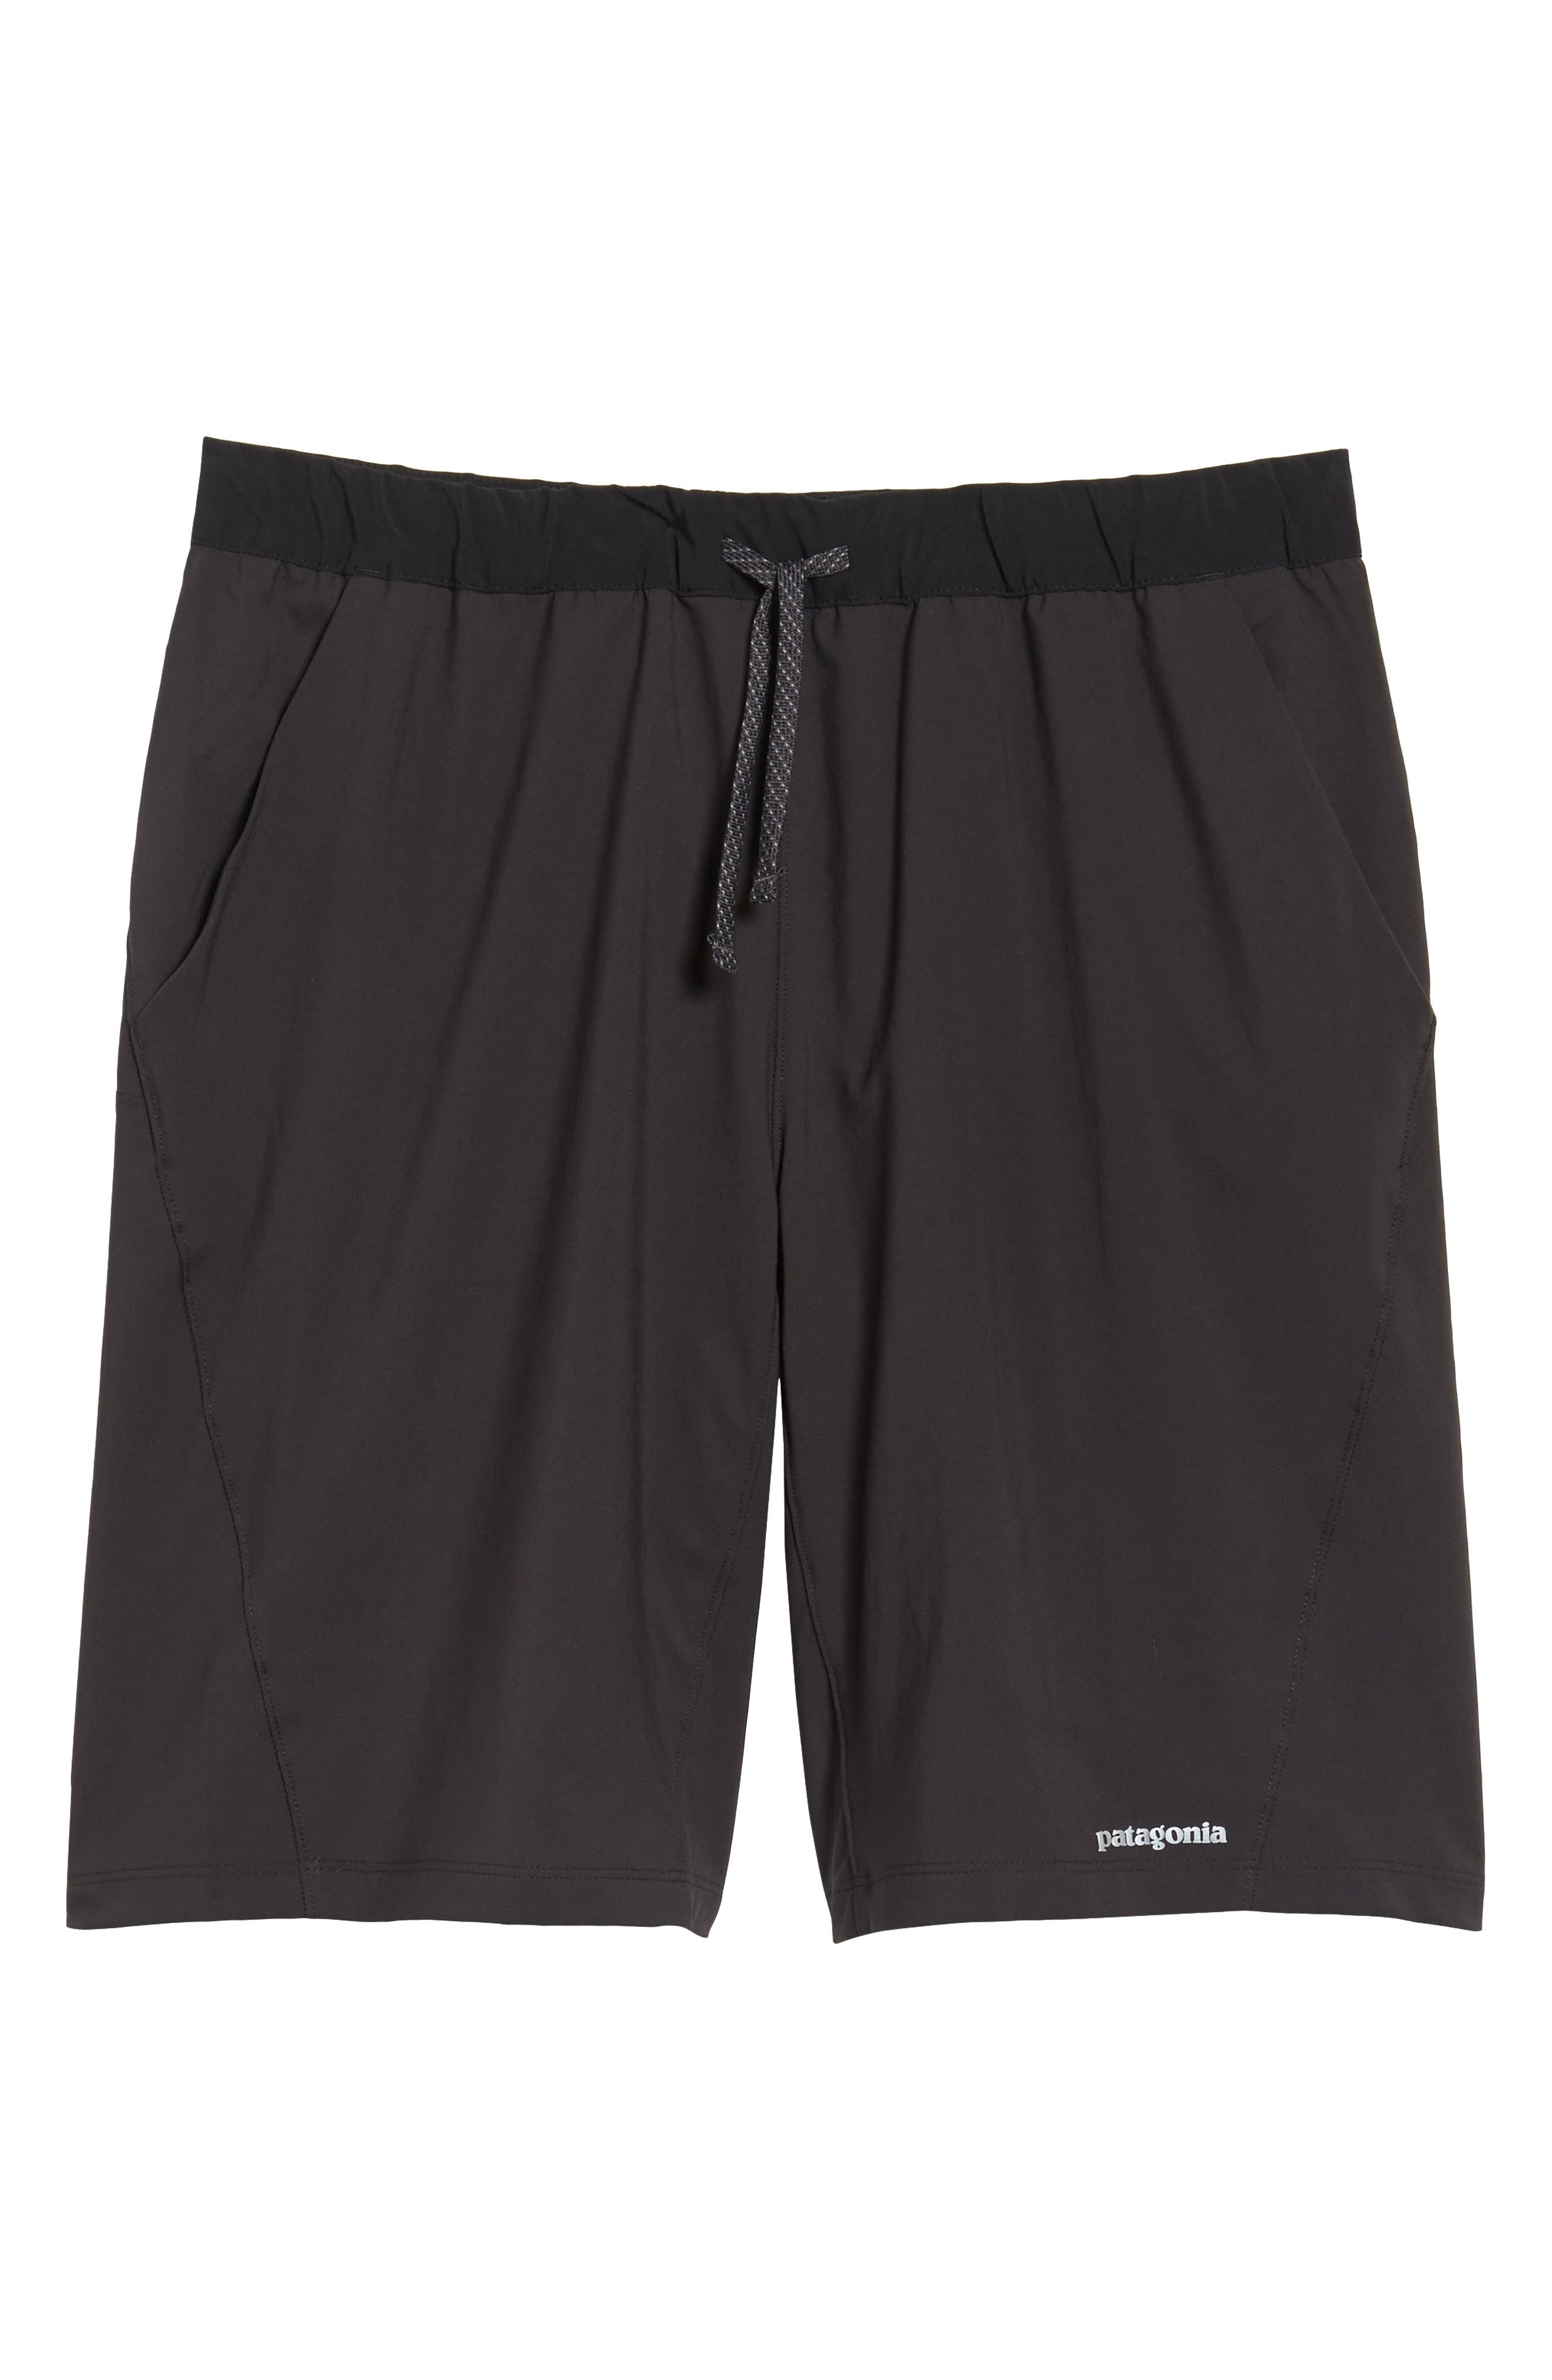 Terrebonne Shorts,                             Alternate thumbnail 11, color,